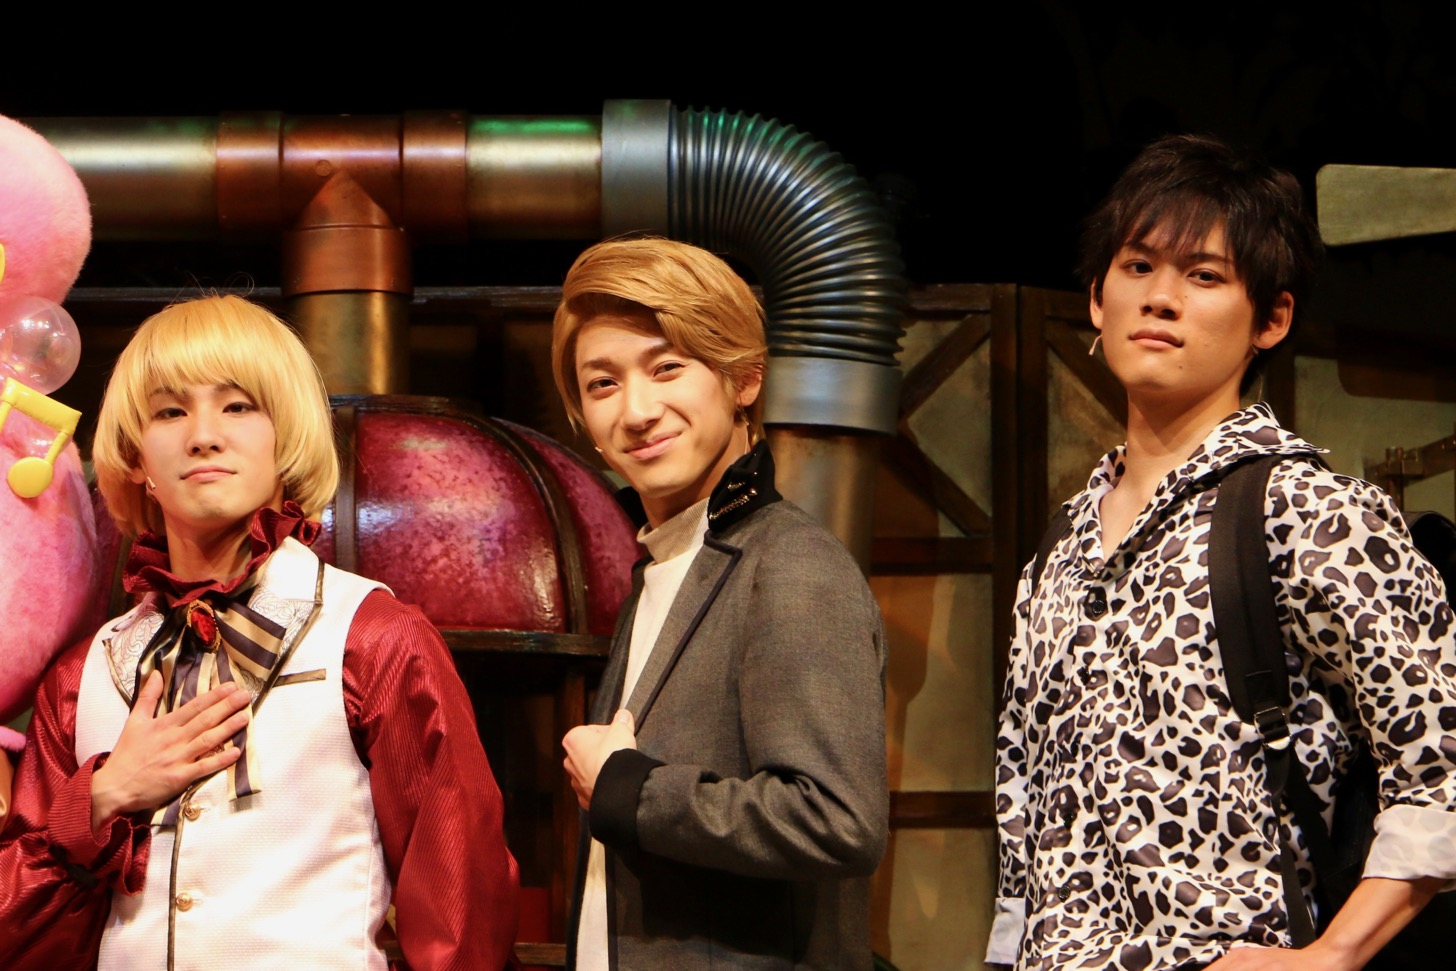 左からルバート役の笠原彰人さん、ラルゴ役の五十嵐拓人さん、グリッサ役の鈴木雅也さん